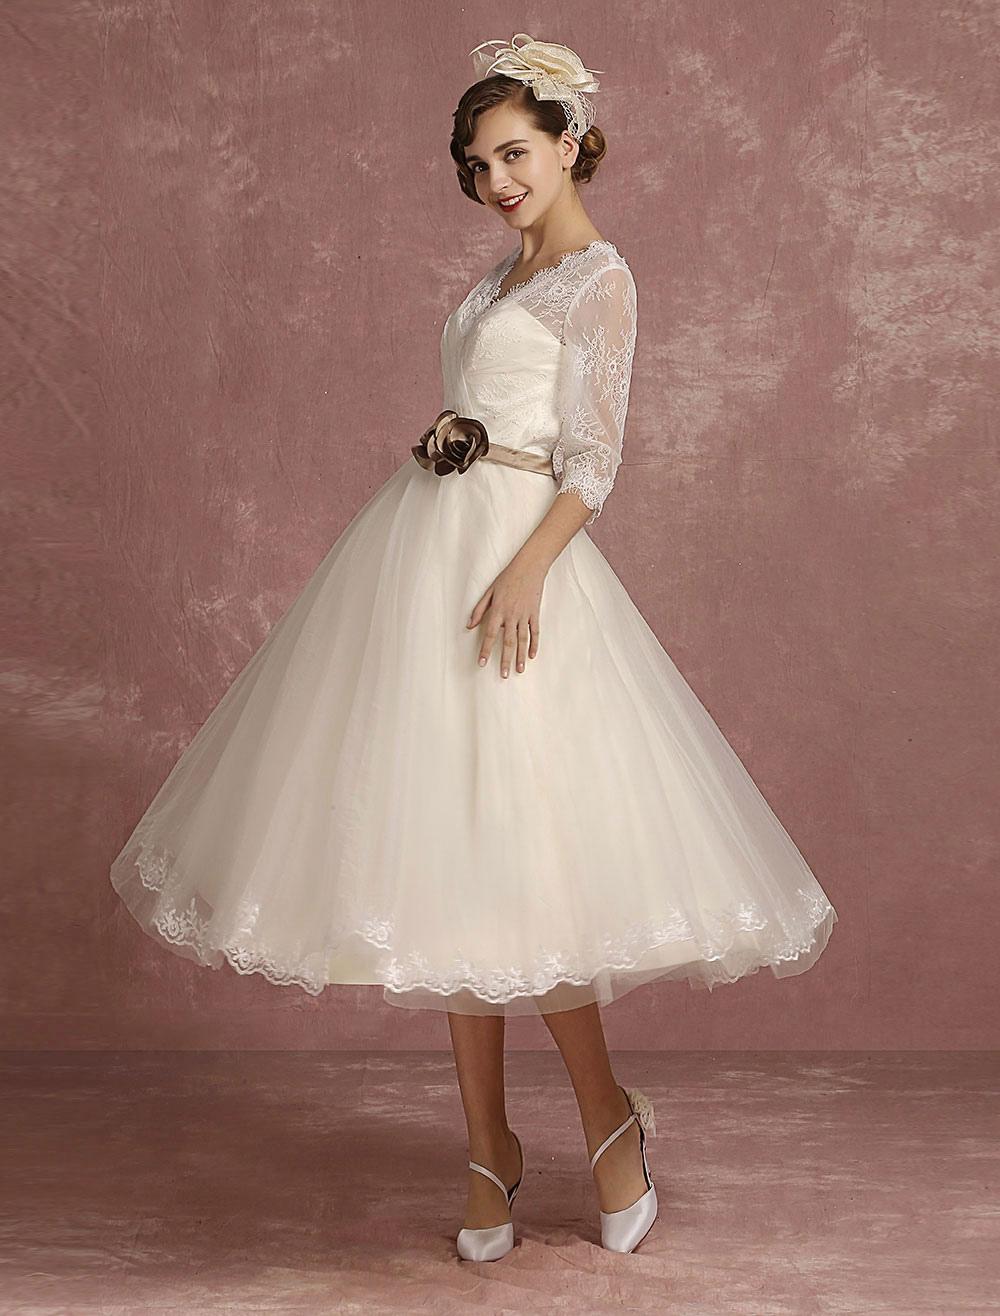 vintage wedding dress short lace tulle bridal dress half. Black Bedroom Furniture Sets. Home Design Ideas